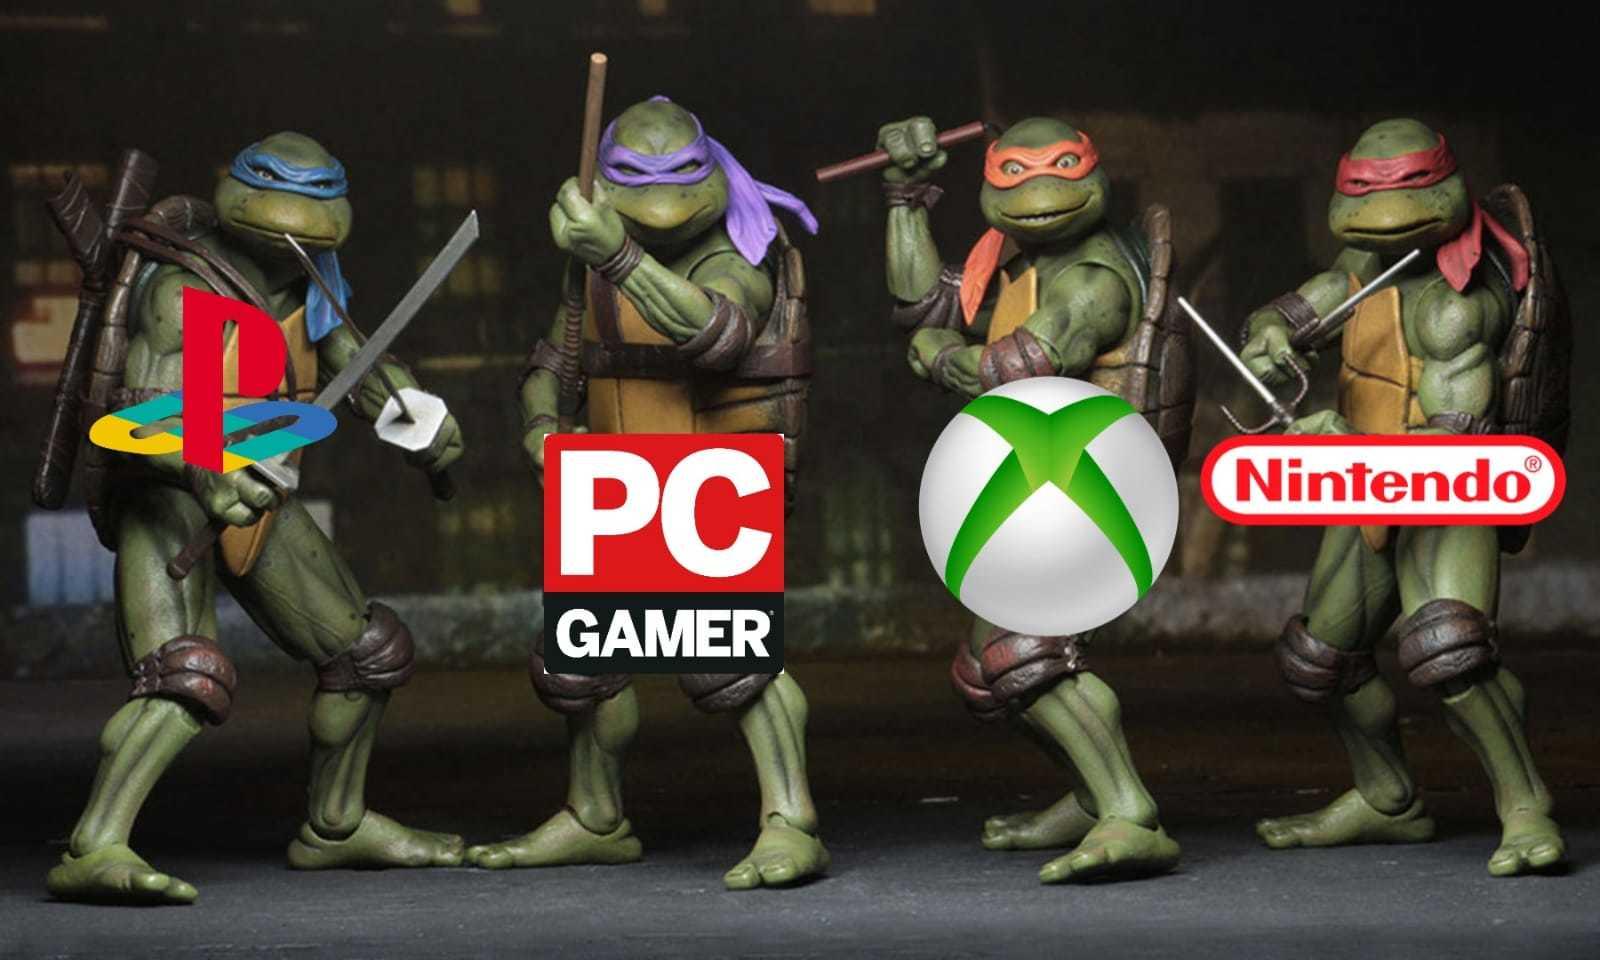 Con esto te armas una PC - meme